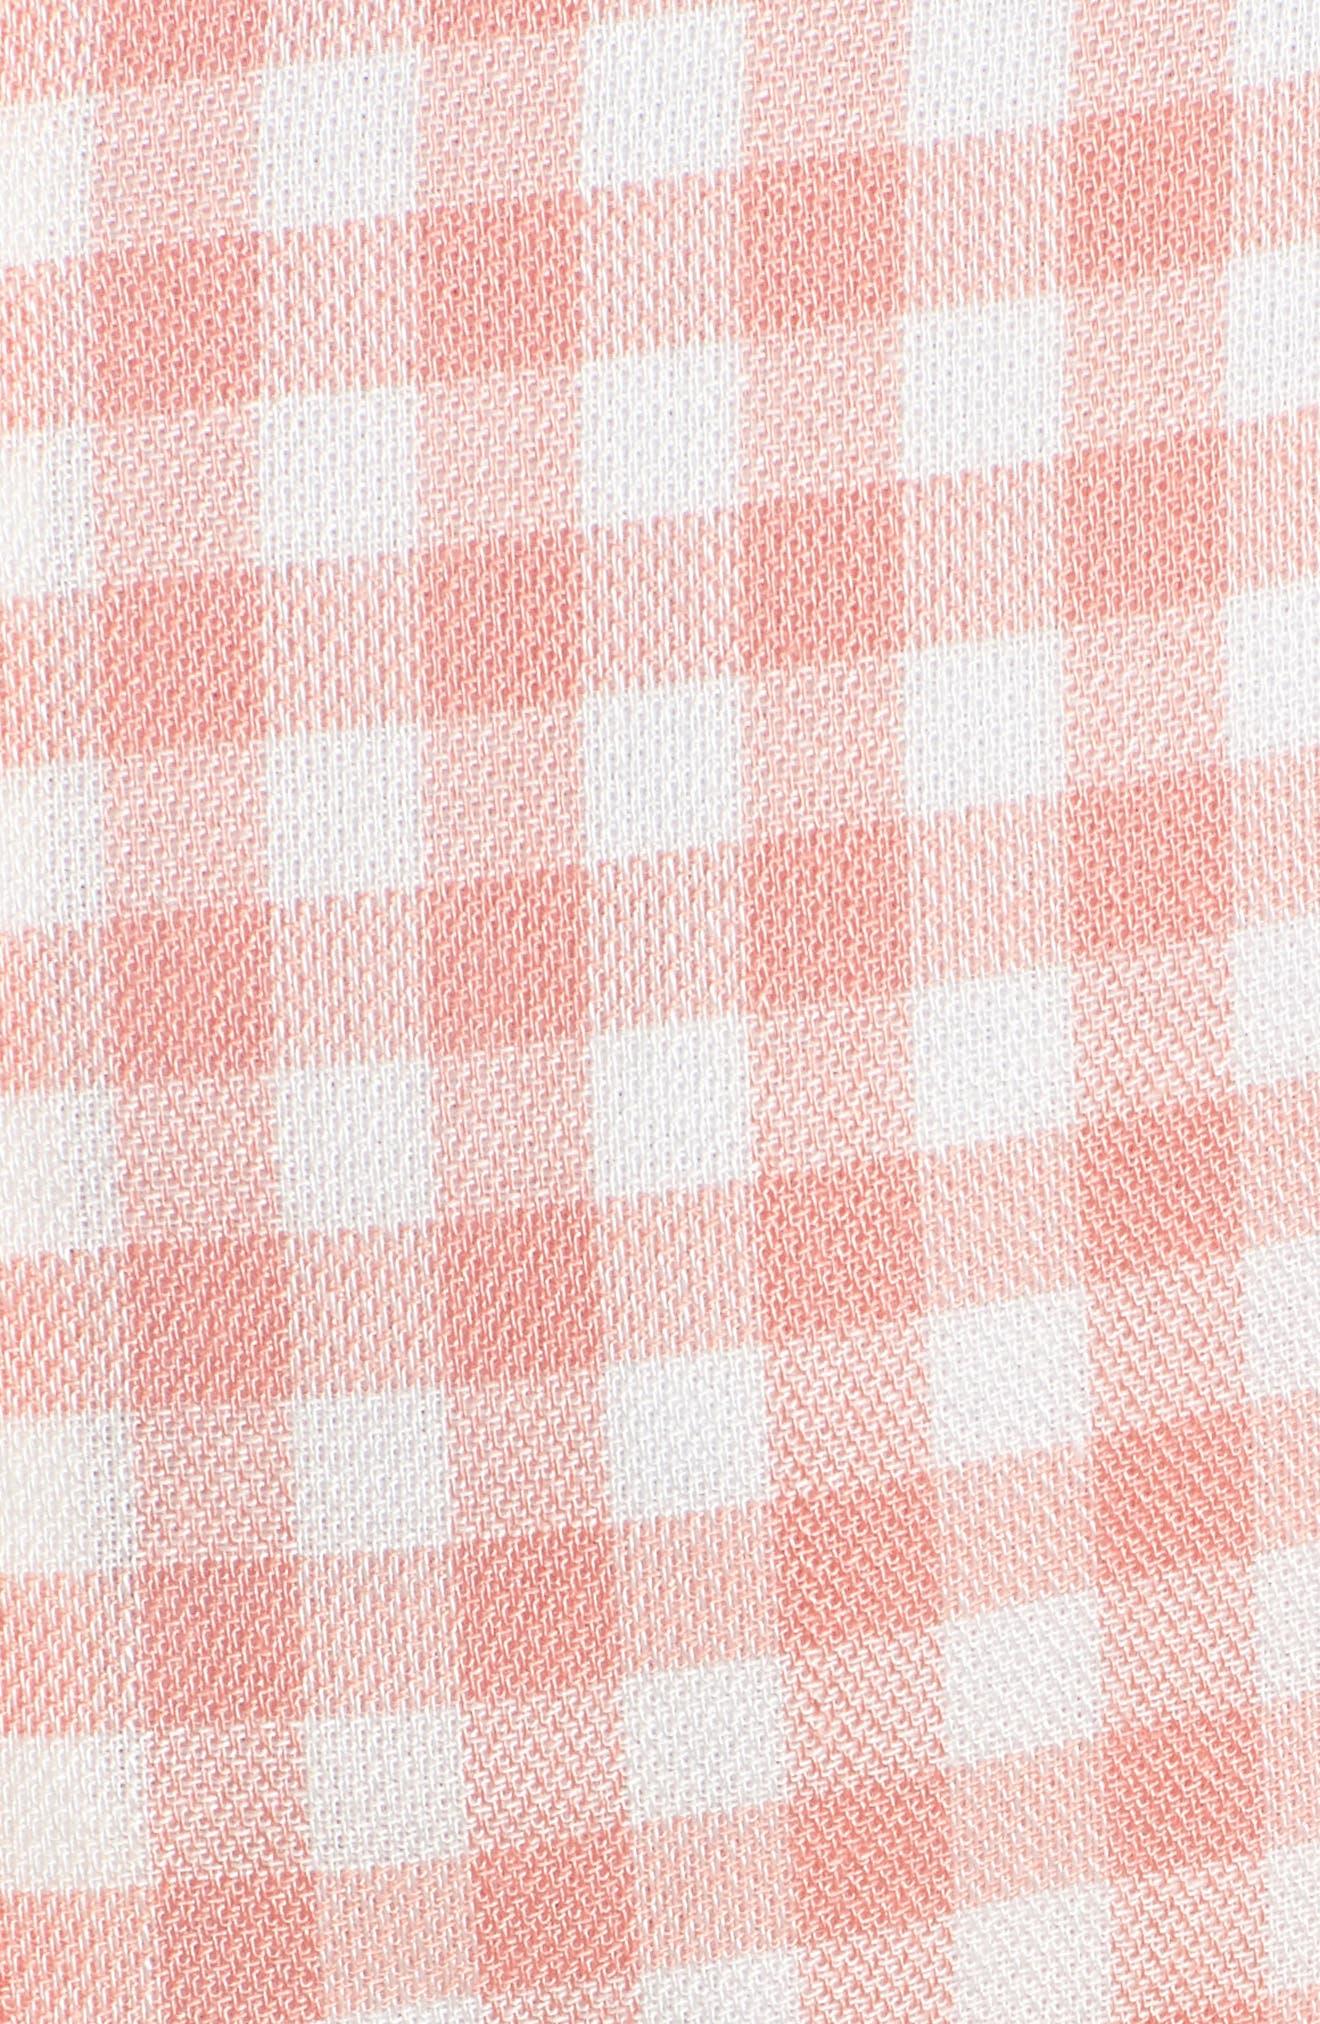 Brunch Ruffle Gingham Dress,                             Alternate thumbnail 7, color,                             693